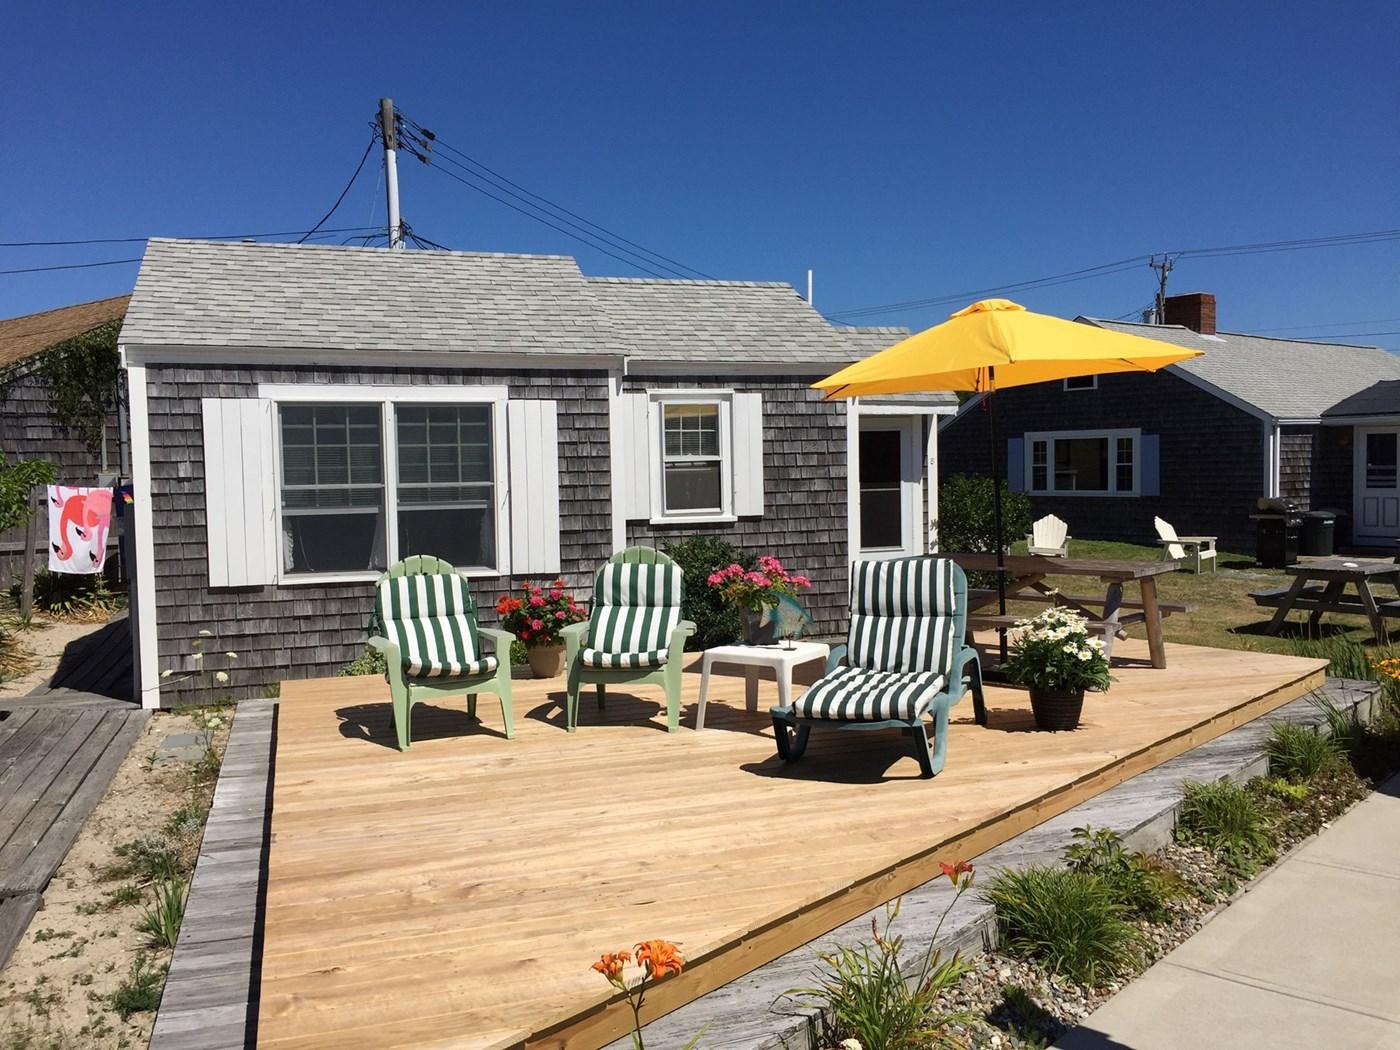 Truro vacation rental home in cape cod ma 02652 1 10 mile for Cape cod cabin